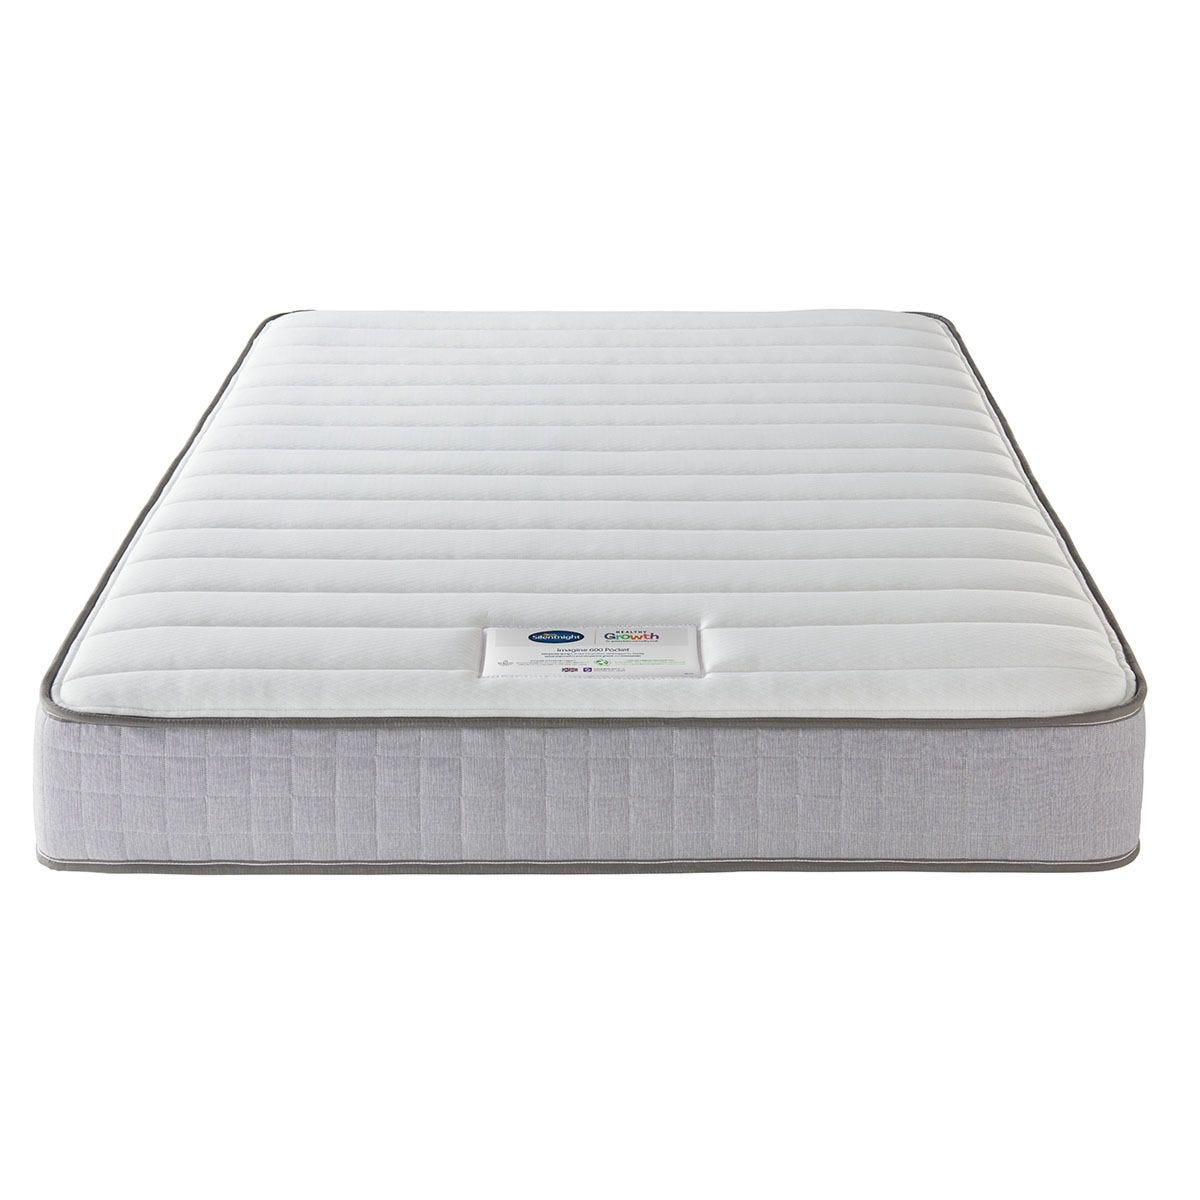 Silentnight Healthy Growth Imagine 600 Pocket Mattress - White